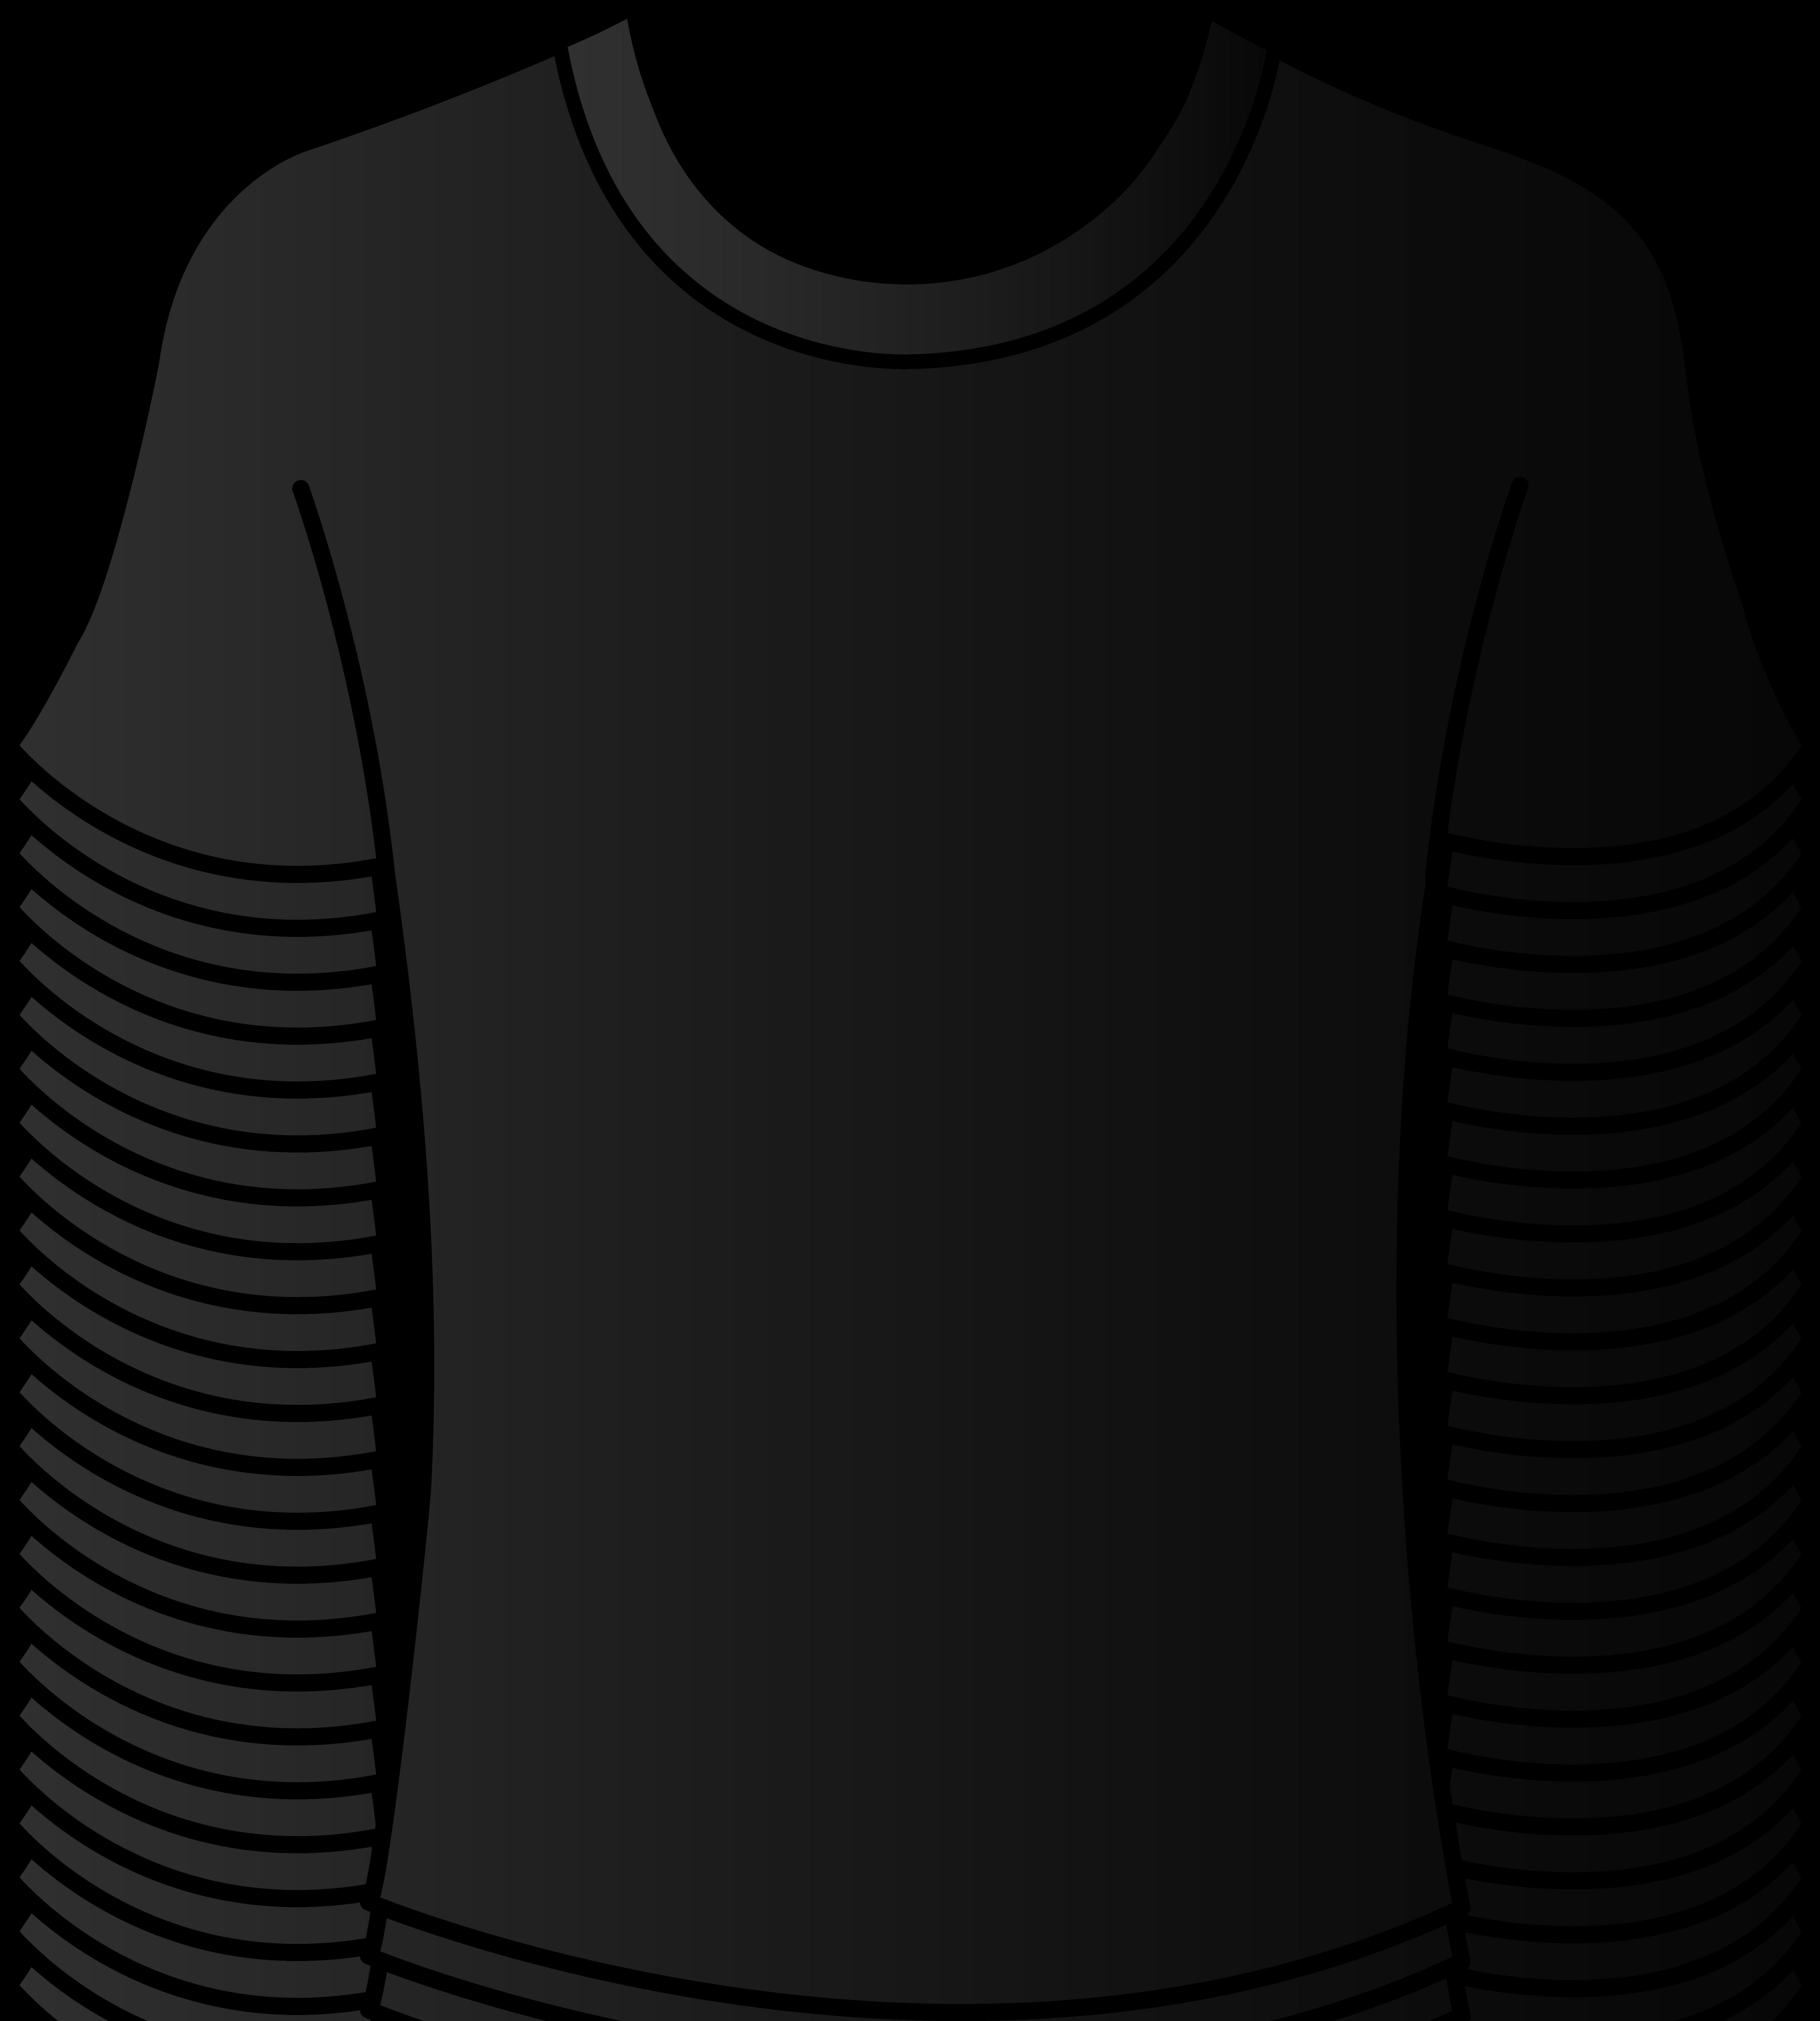 Plain T Shirt Design Template Clipart Best